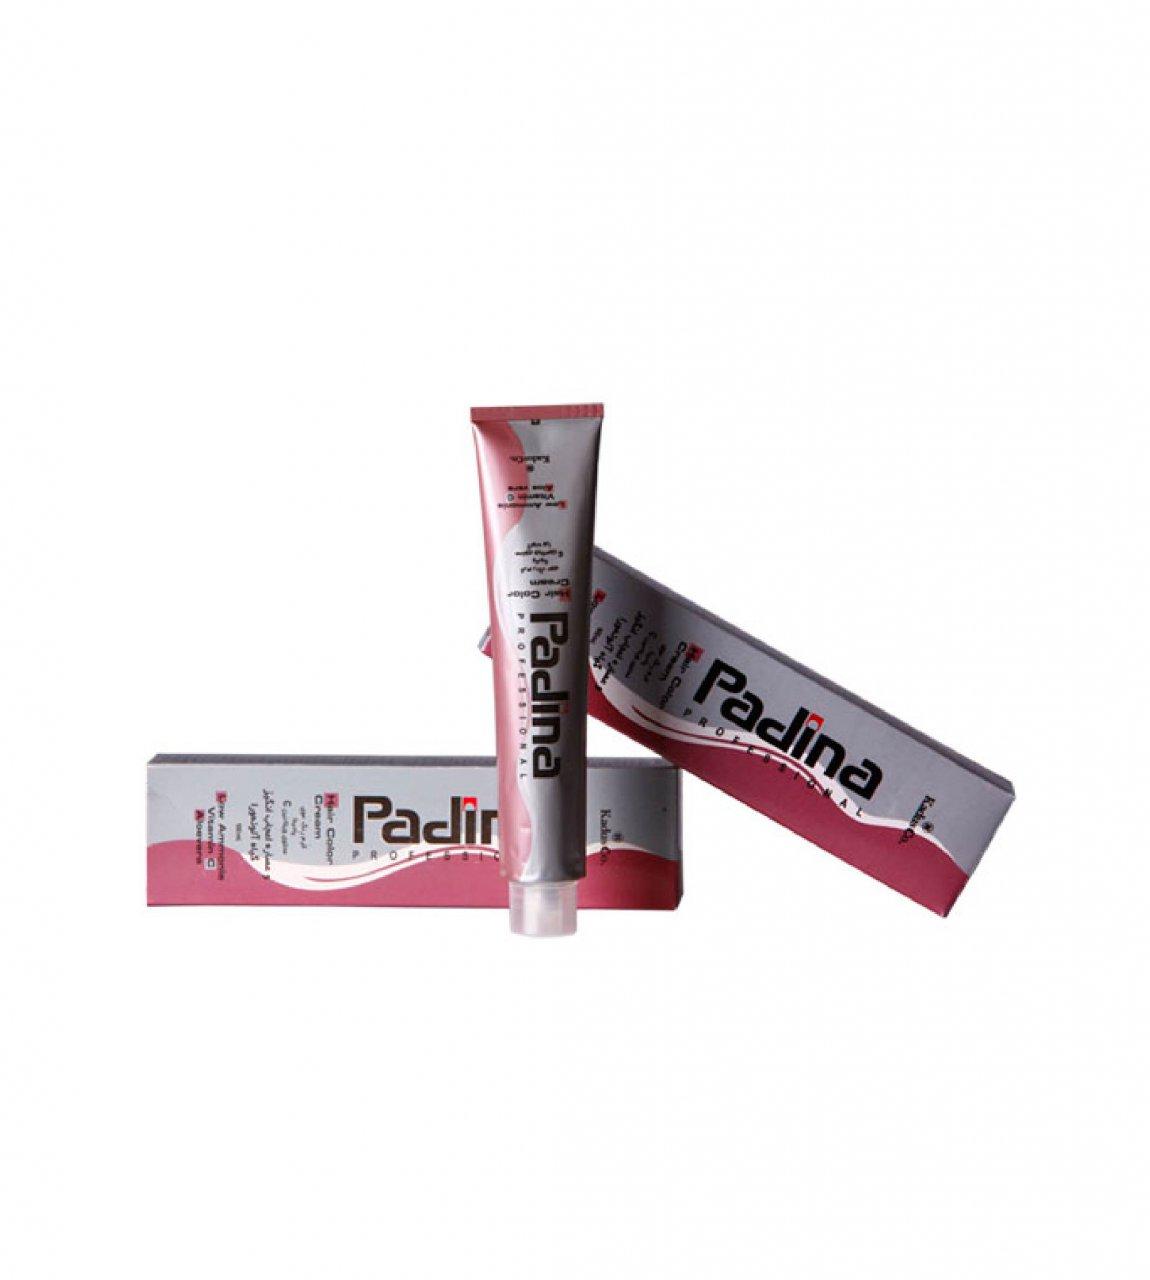 رنگ موی پادینا انگوری متوسط کد RV6 6-65